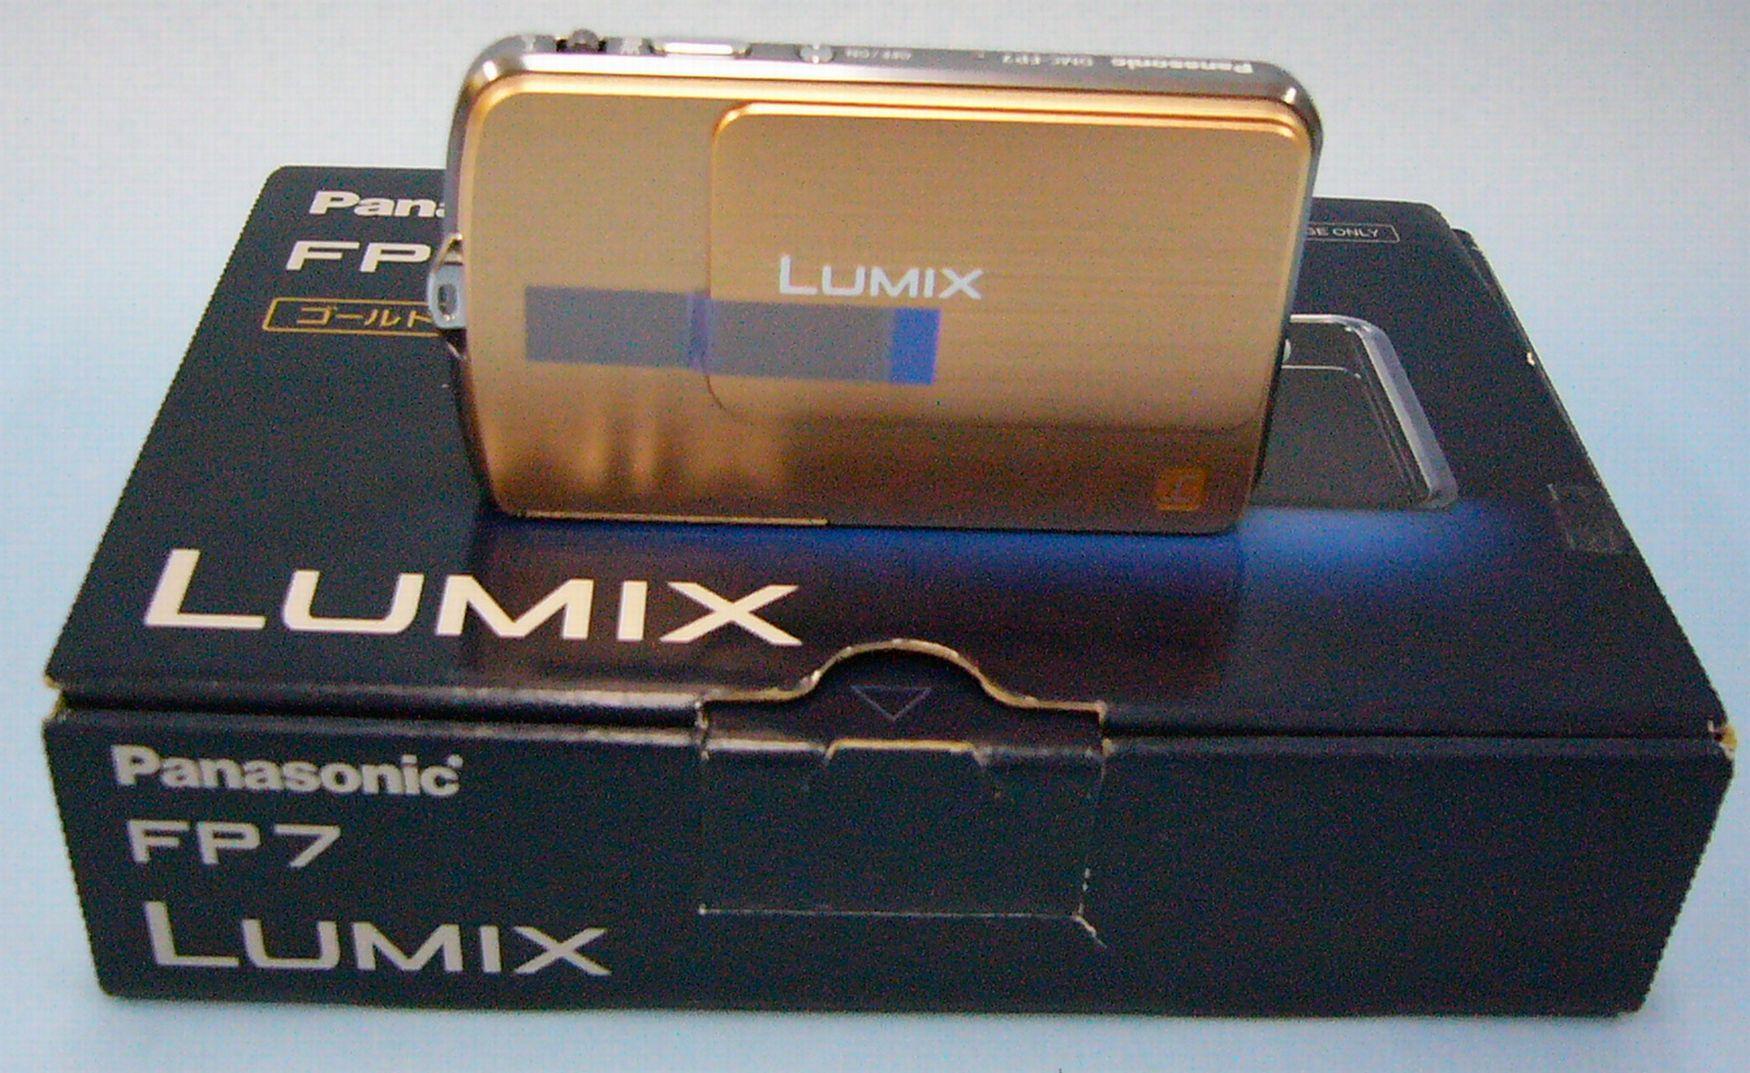 Panasonic デジタルカメラ LUMIX(DMC-FP7)